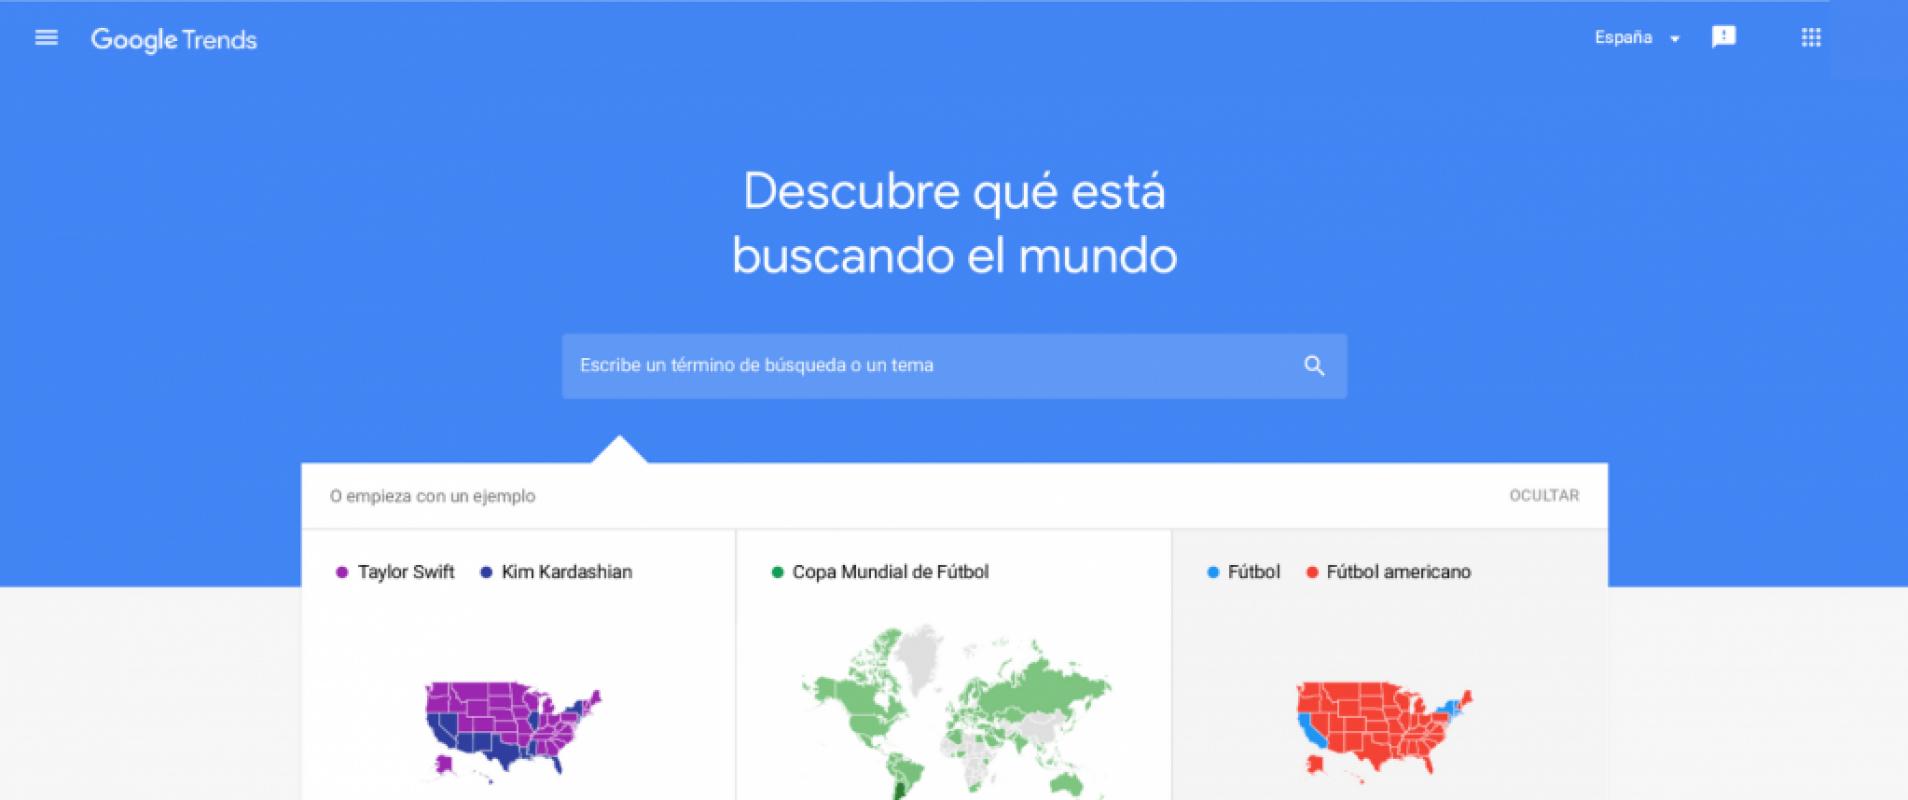 Google Trends, encuentra keywords gratis con Google